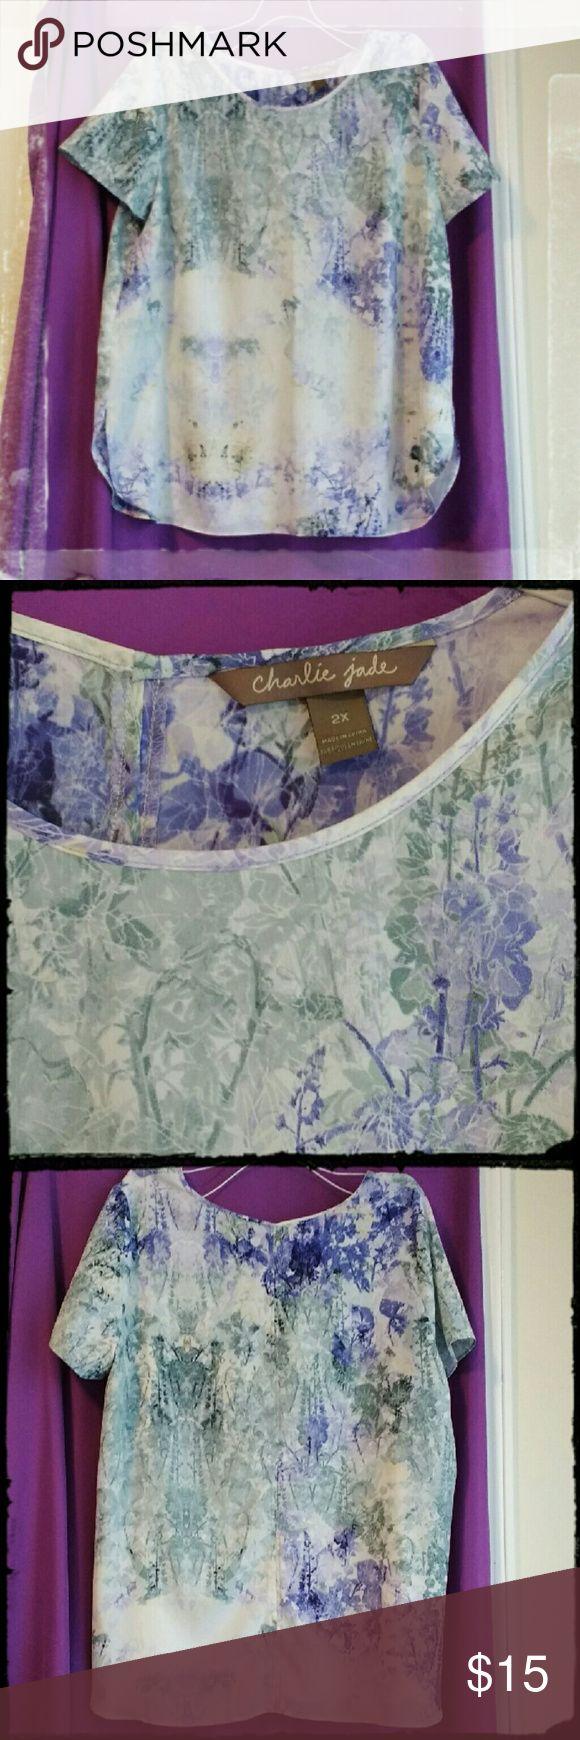 Purple/Green Floral Charlie Jade Blouse 2X Charlie Jade blouse. Purple and green floral design. 100% polyester. Charlie Jade Tops Blouses